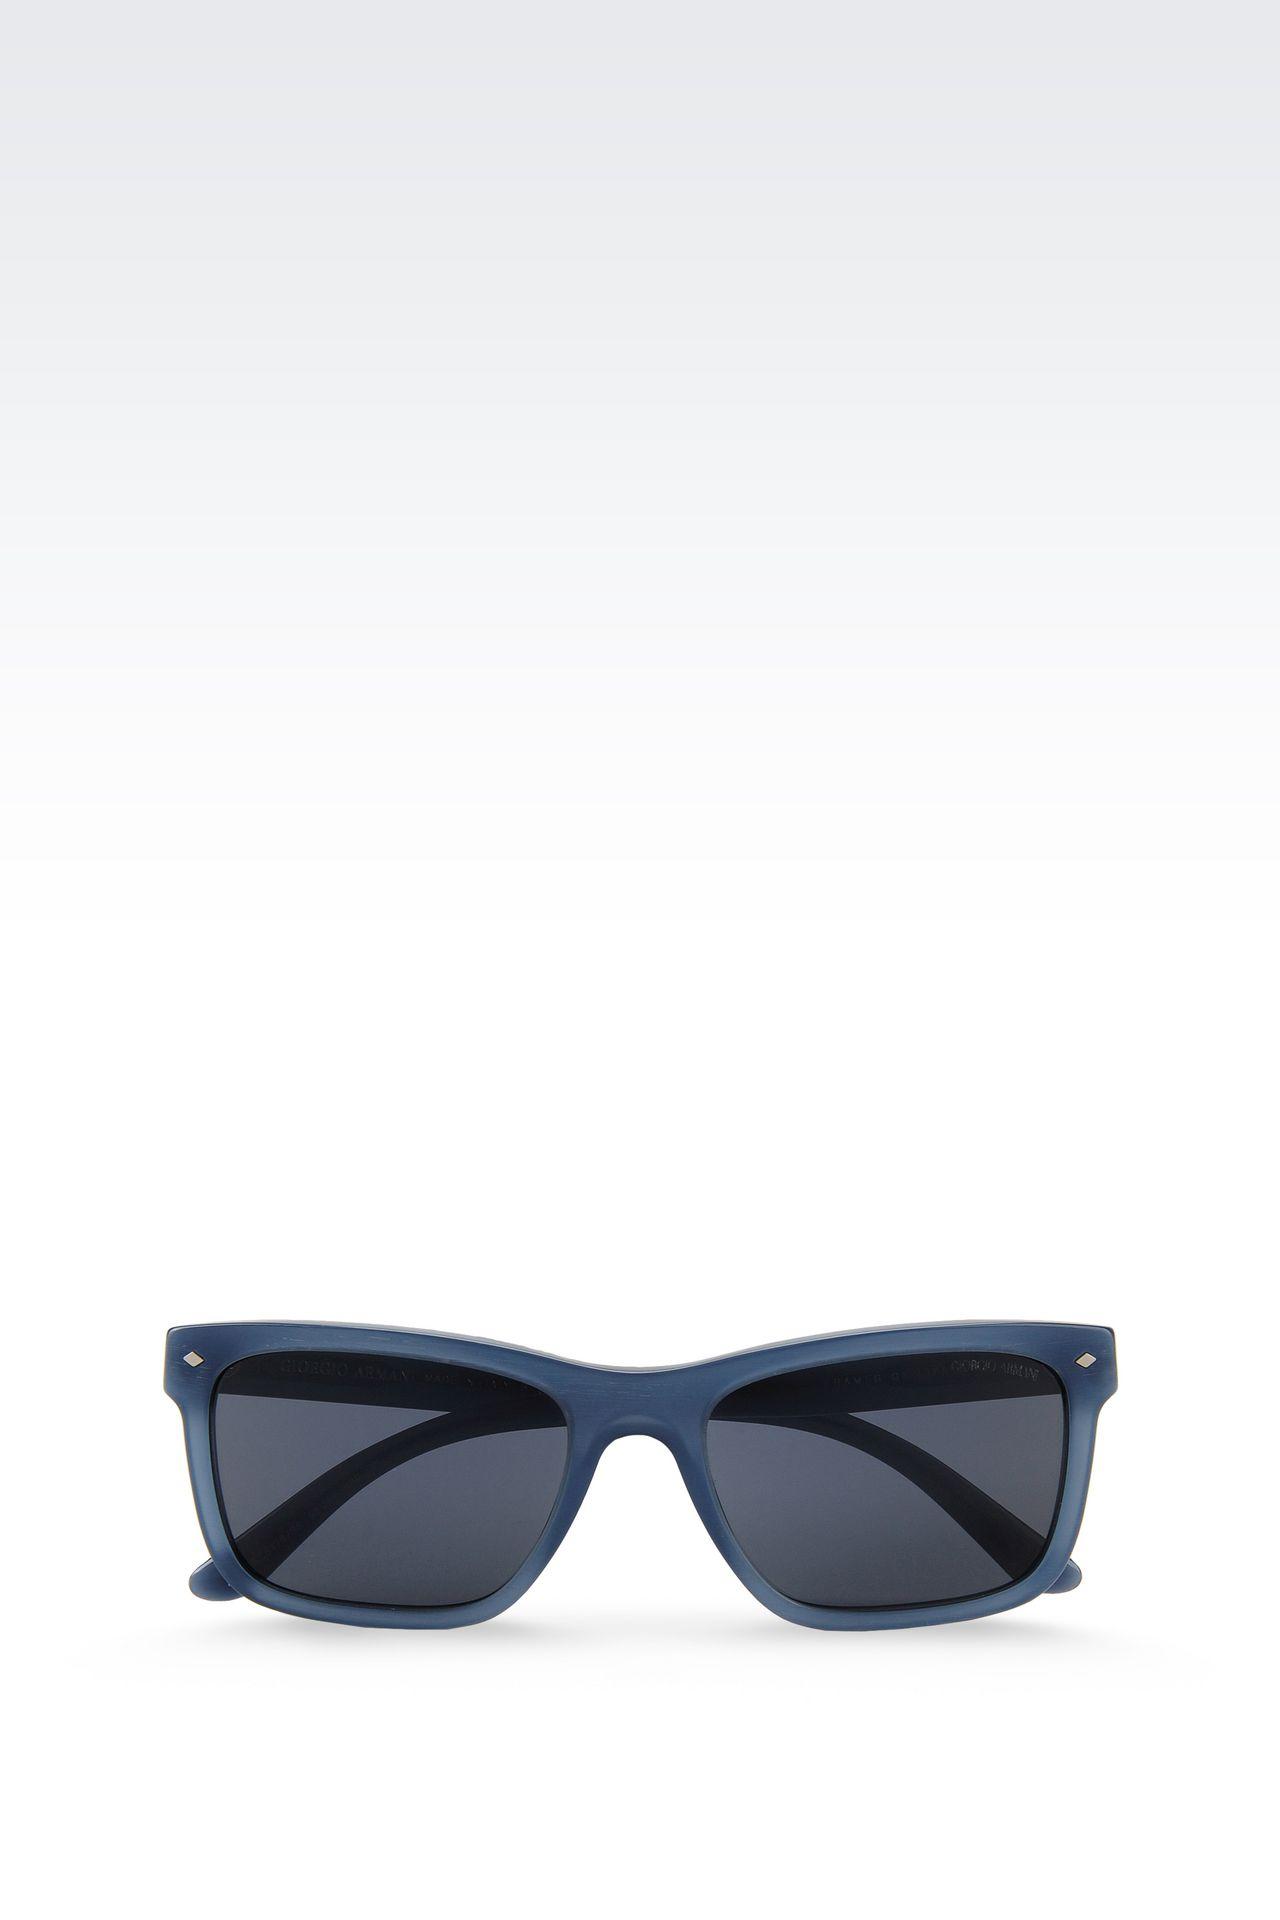 Armani Gold Frame Sunglasses : Giorgio Armani Men SUNGLASSES FROM THE GIORGIO ARMANI ...